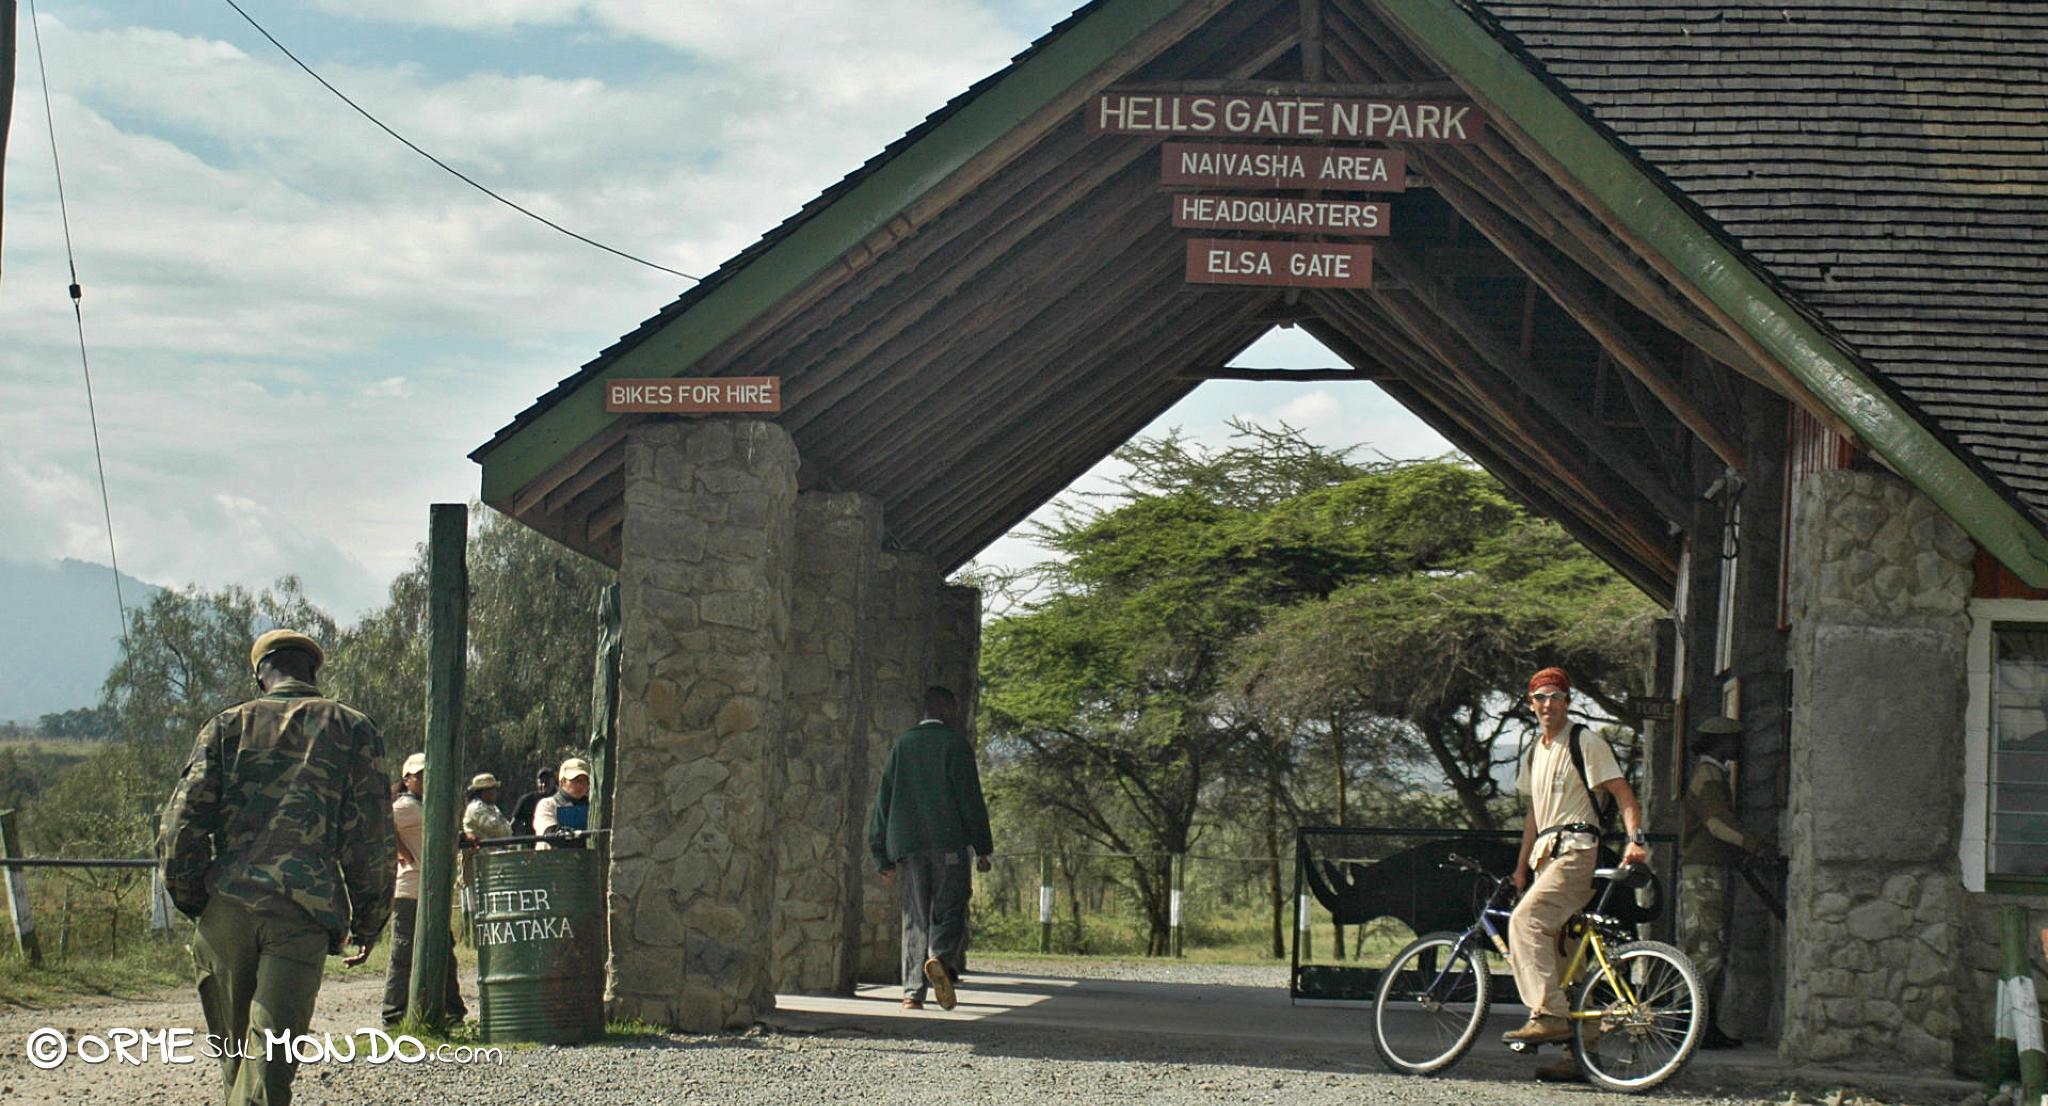 L'ingresso dell'Hells Gate National Park che è possibile visitare in bicicletta o a piedi